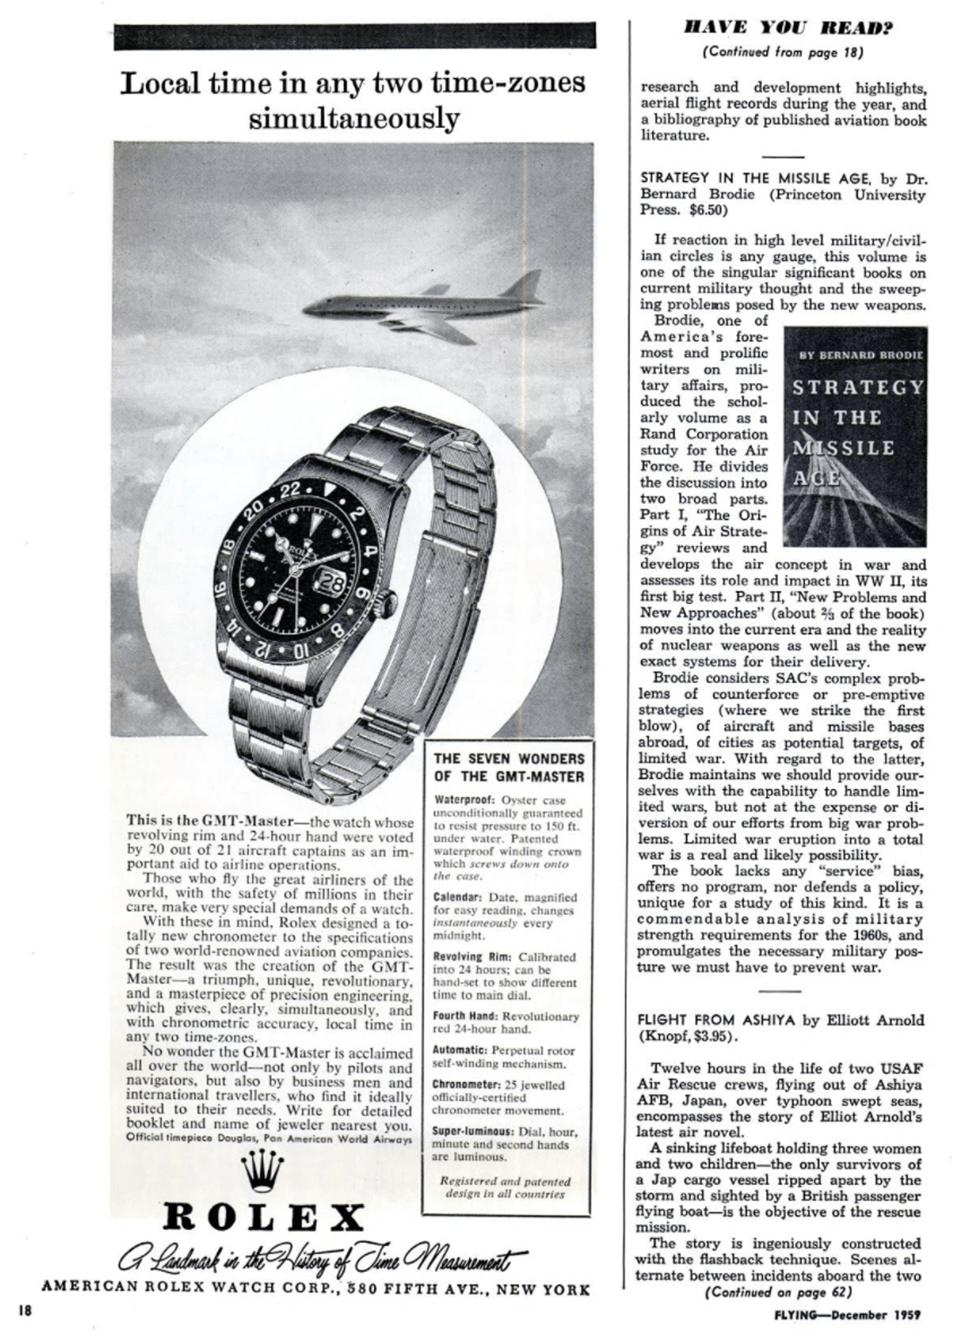 Publicité pour la Rolex Gmt-Master du magasine Flying de décembre 1959